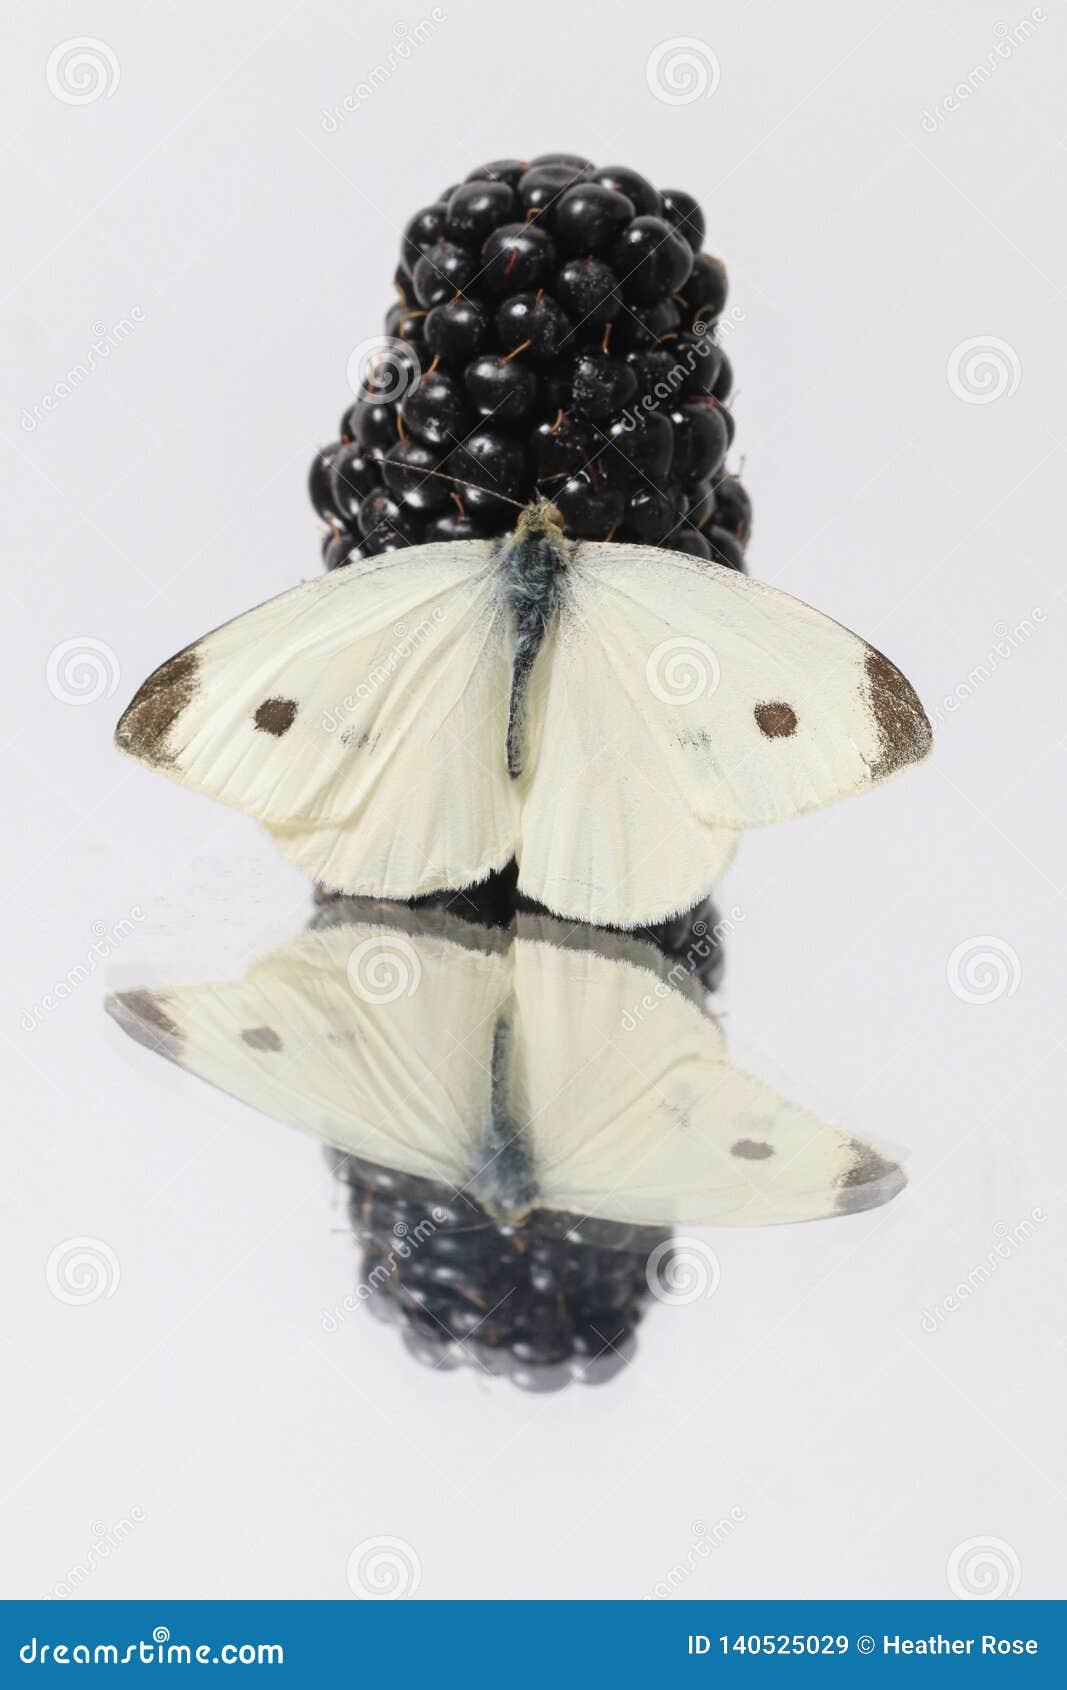 Фотоснимок макроса плода ежевики с белой бабочкой